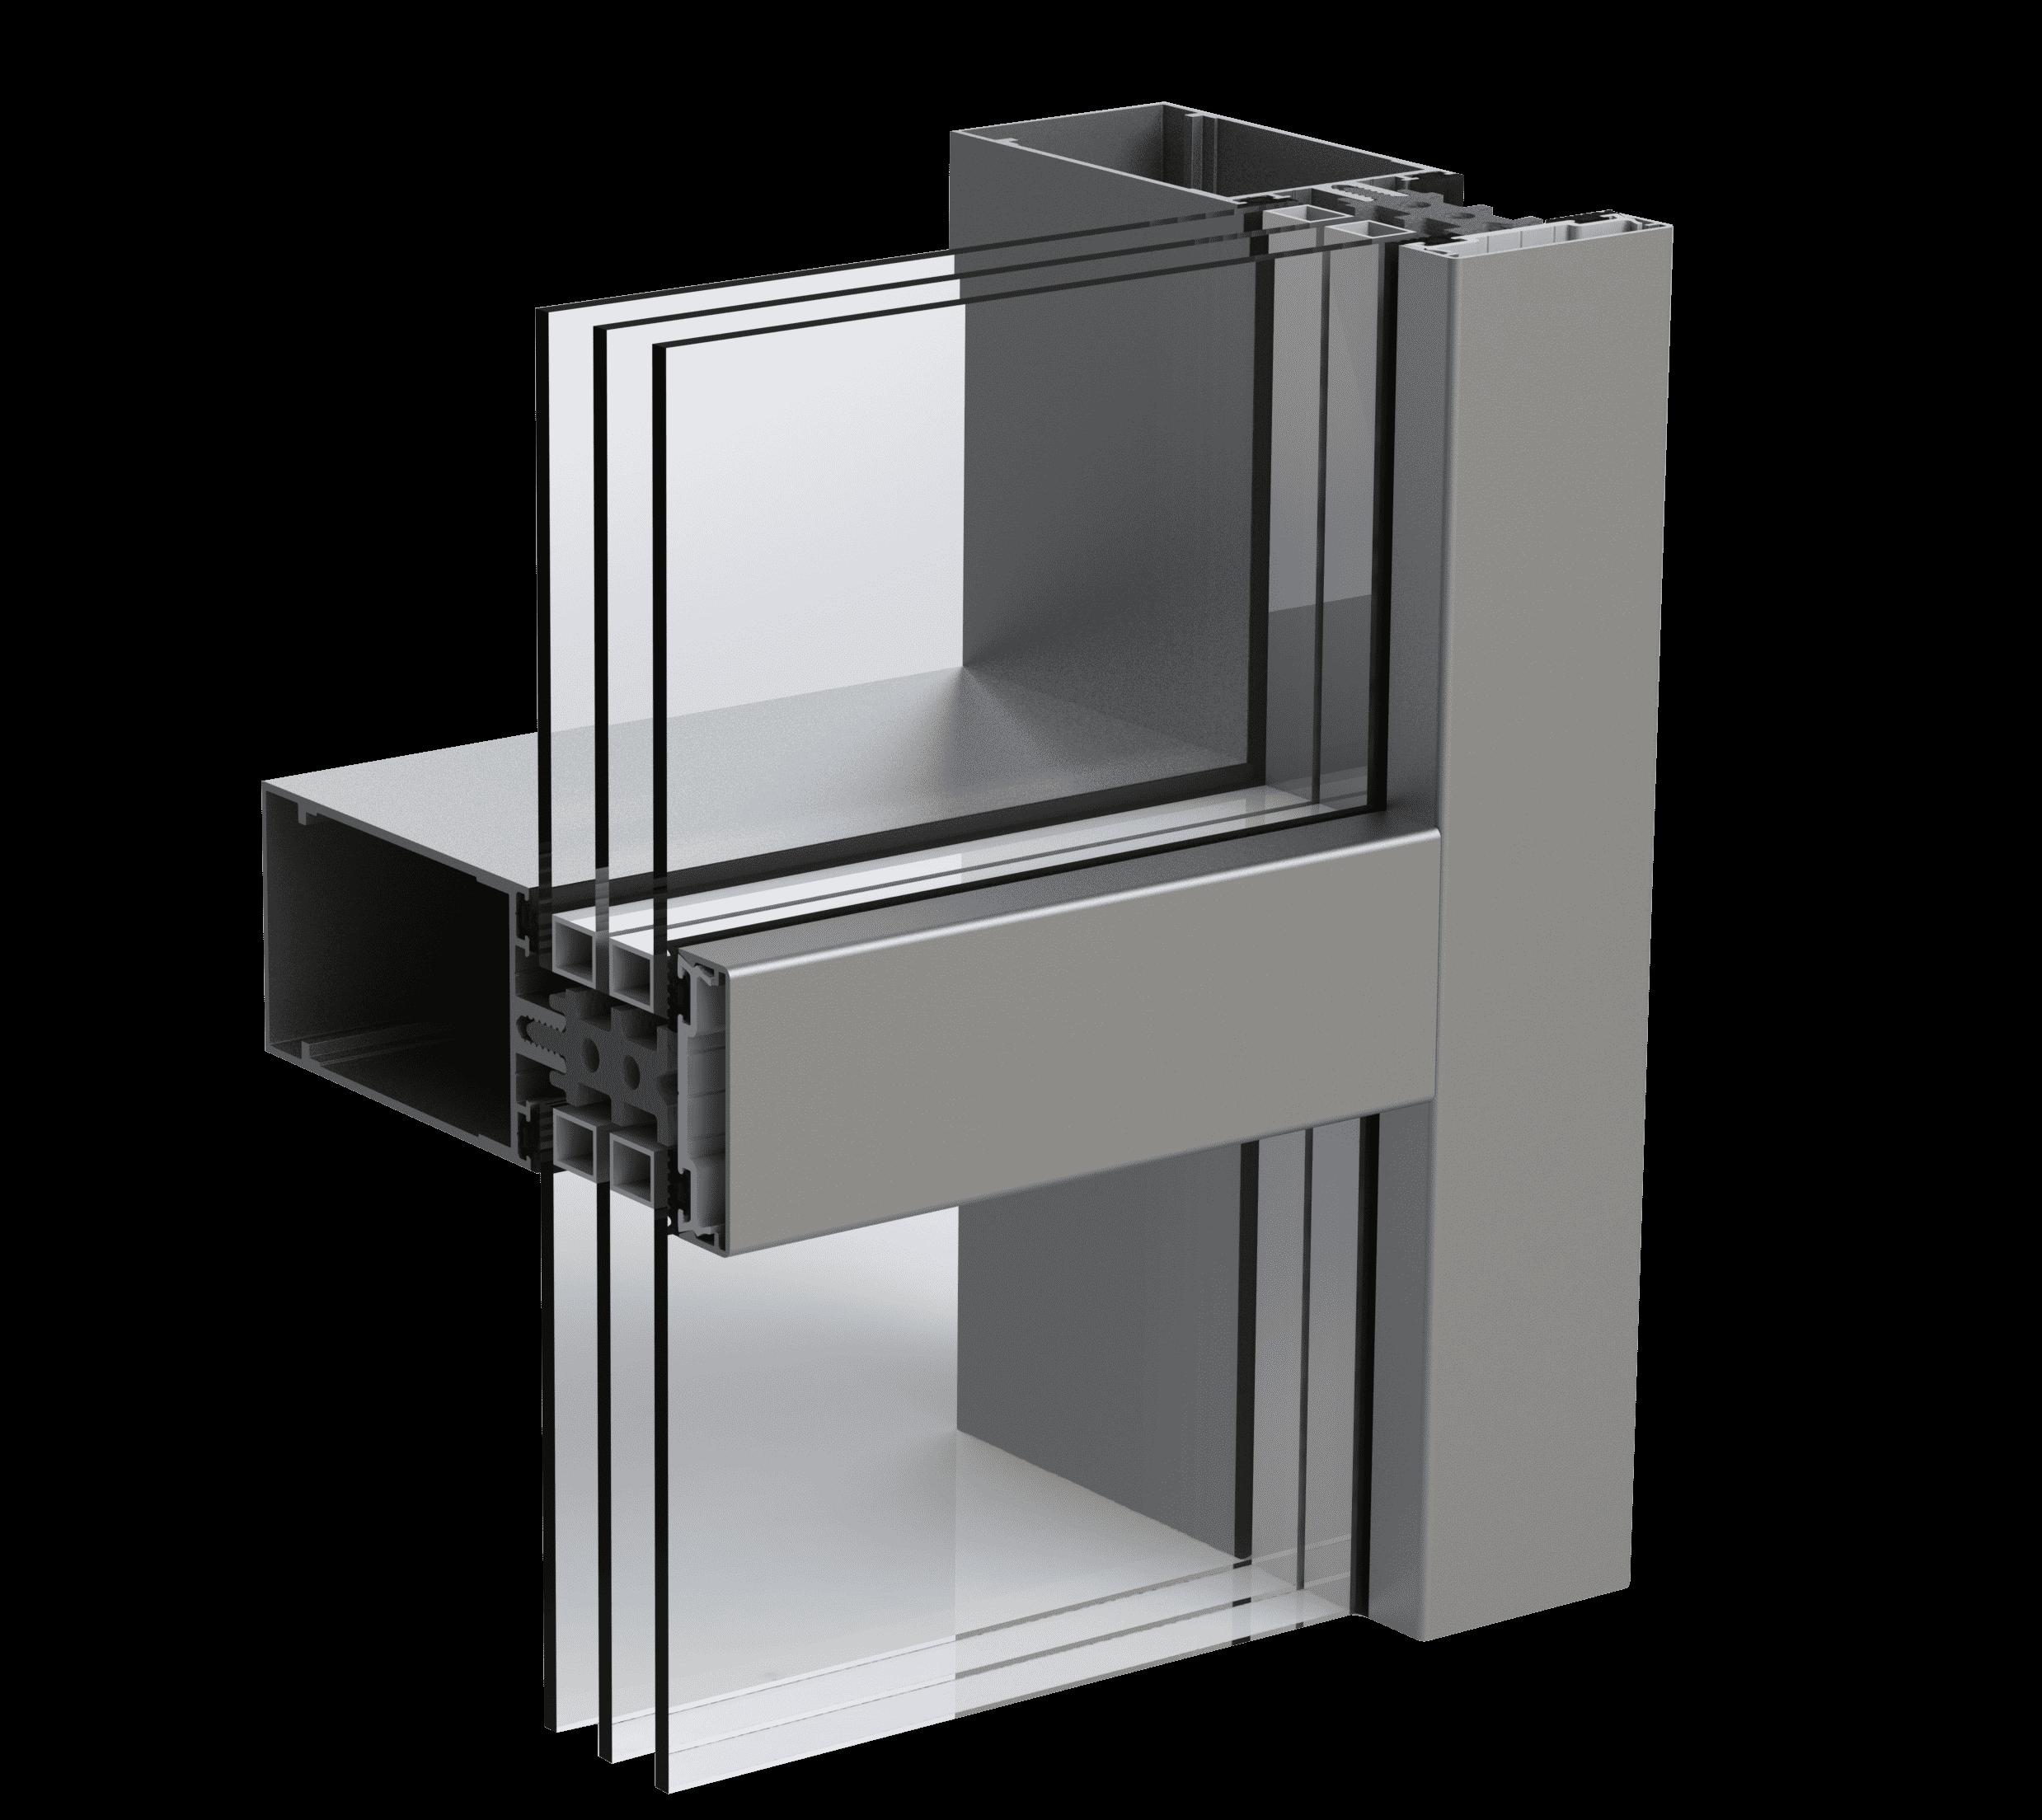 Тепла стійко-ригельна алюмінієва фасадна система Hoffman F50 від EKIPAZH. Вигідні умови партнерства